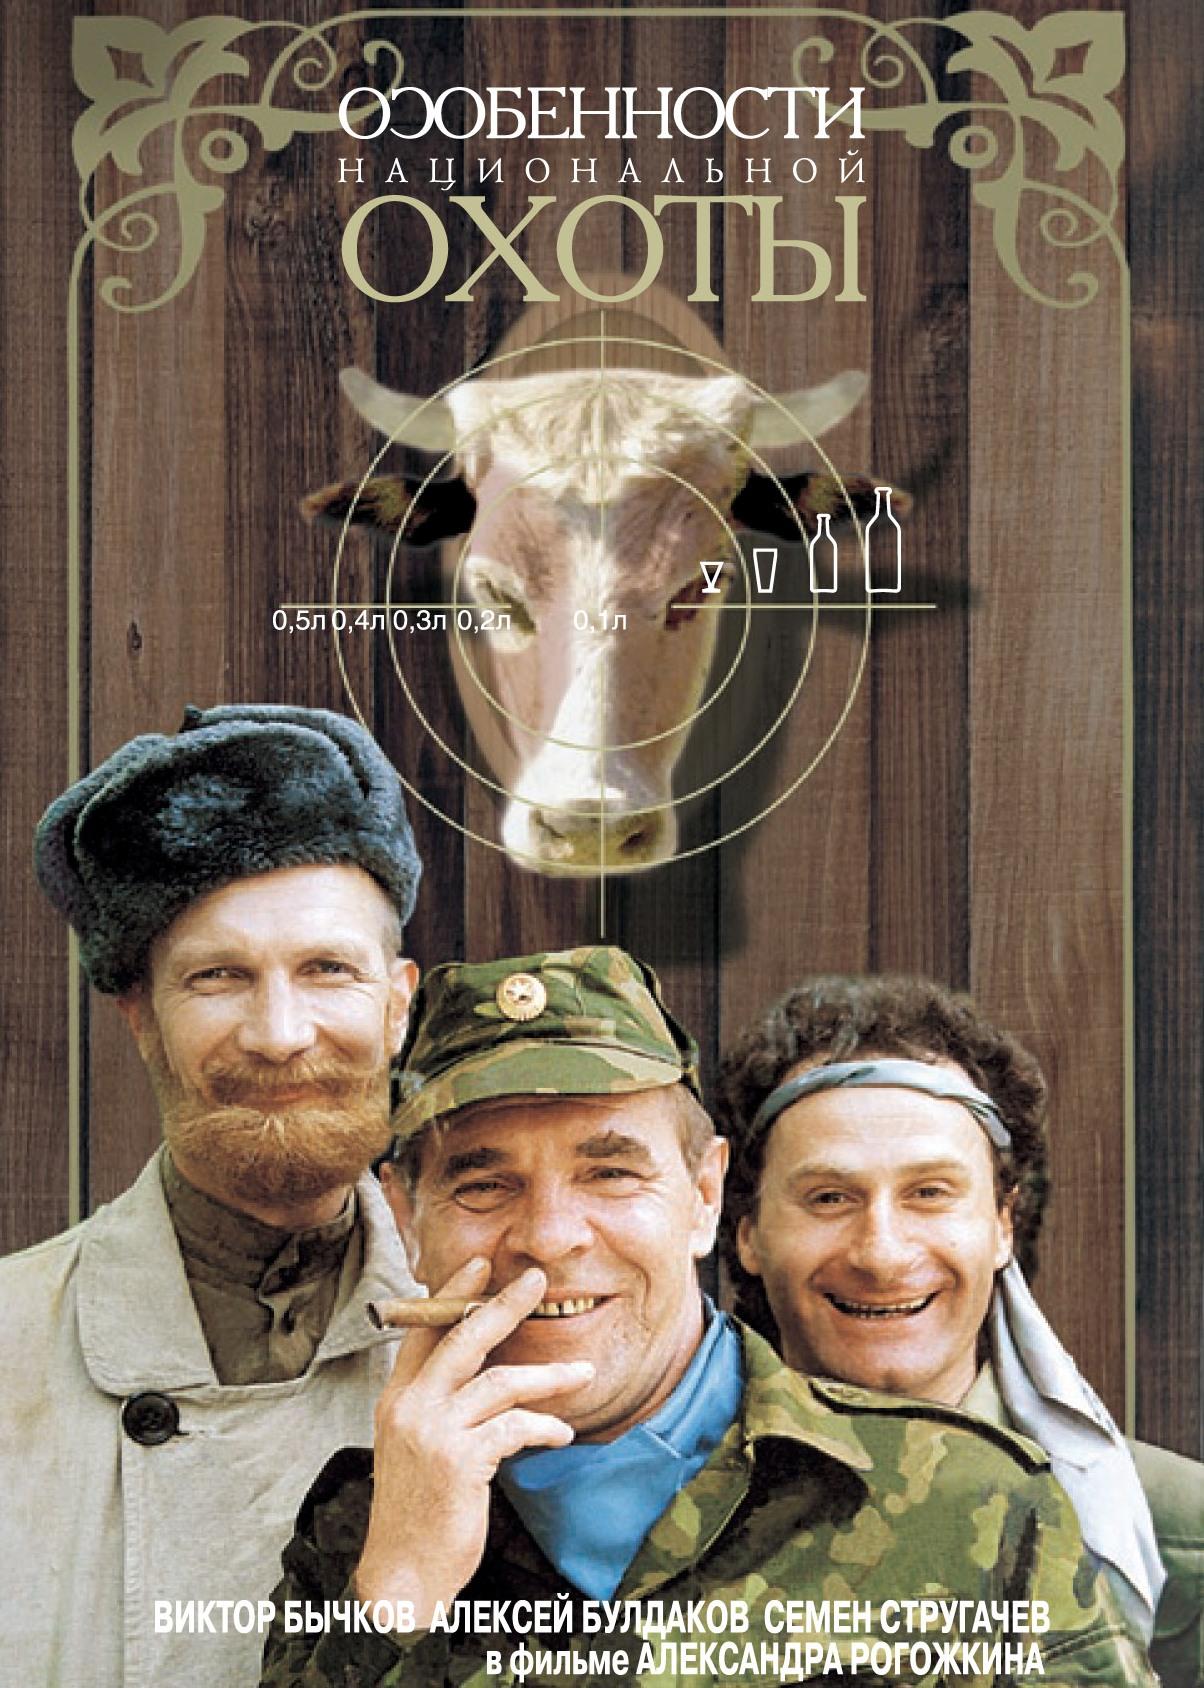 Фильм особенности национальной охоты сцены с медведем